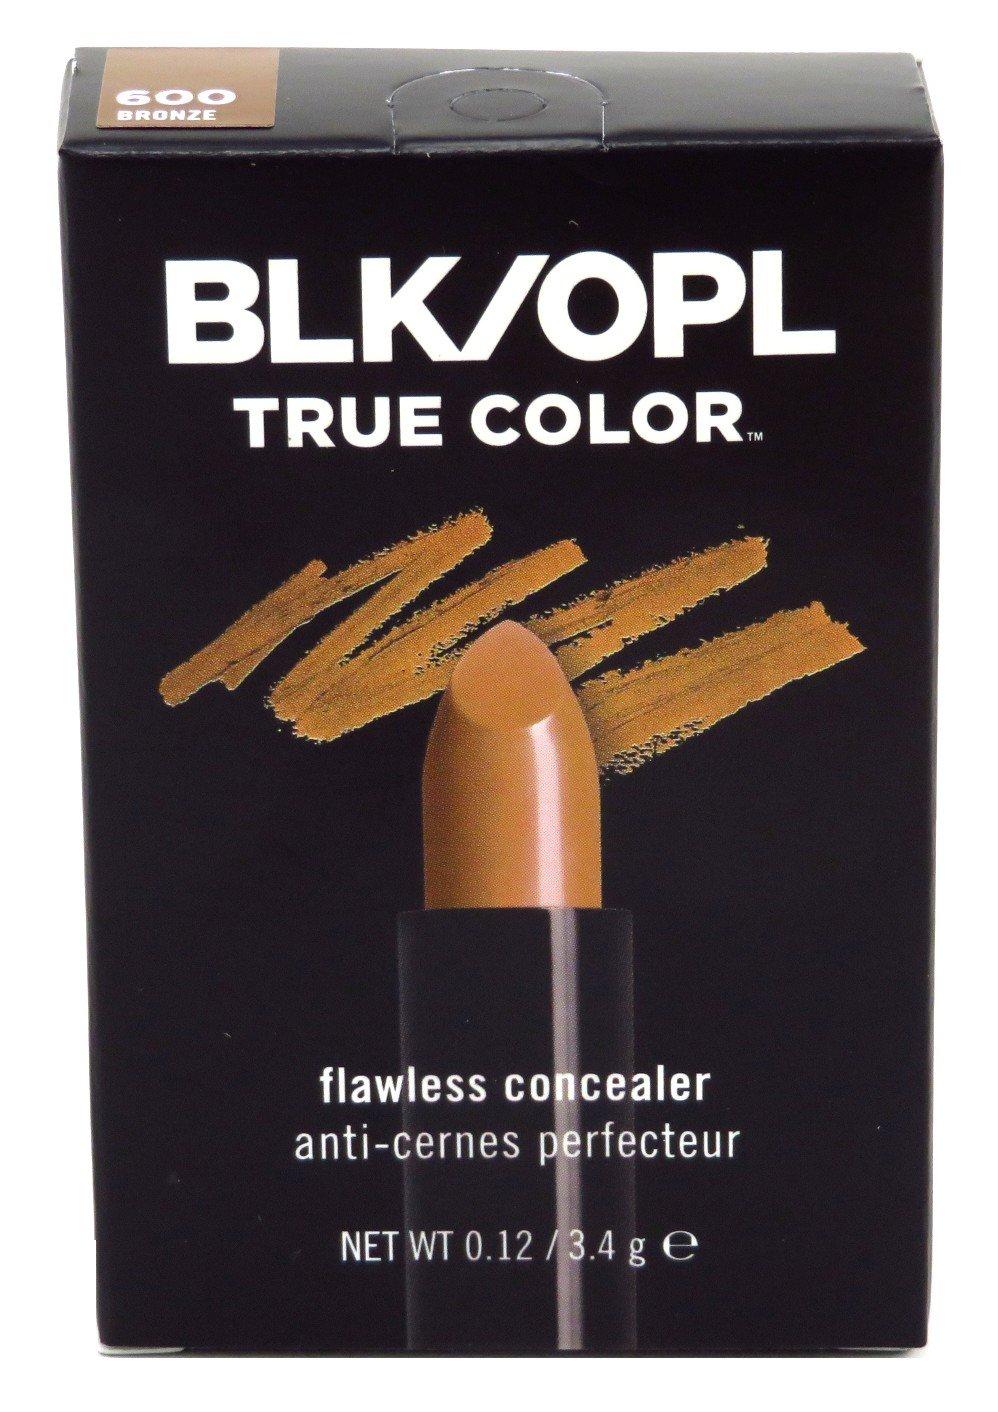 Black Opal Flawless Concealer Beautiful Bronze (2 Pack)